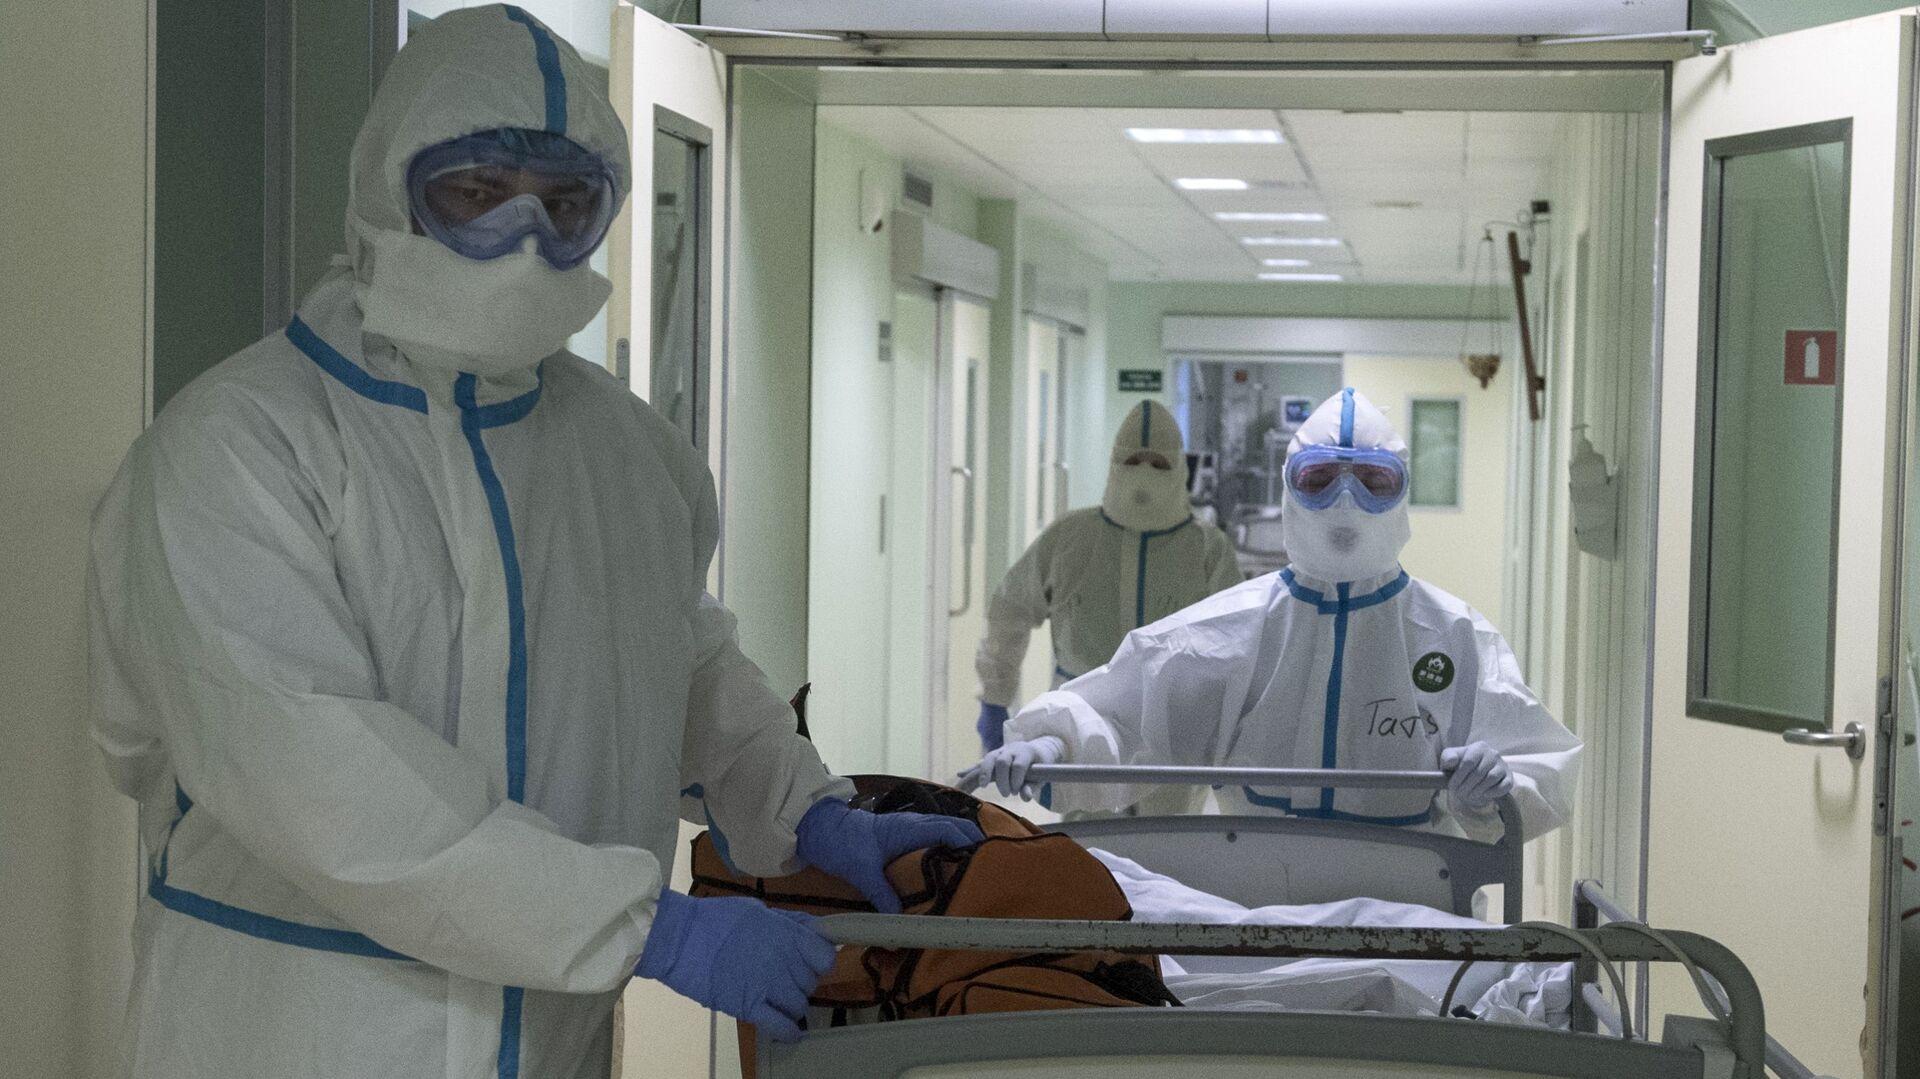 Врачи и пациент в госпитале для зараженных коронавирусной - Sputnik Тоҷикистон, 1920, 19.08.2021